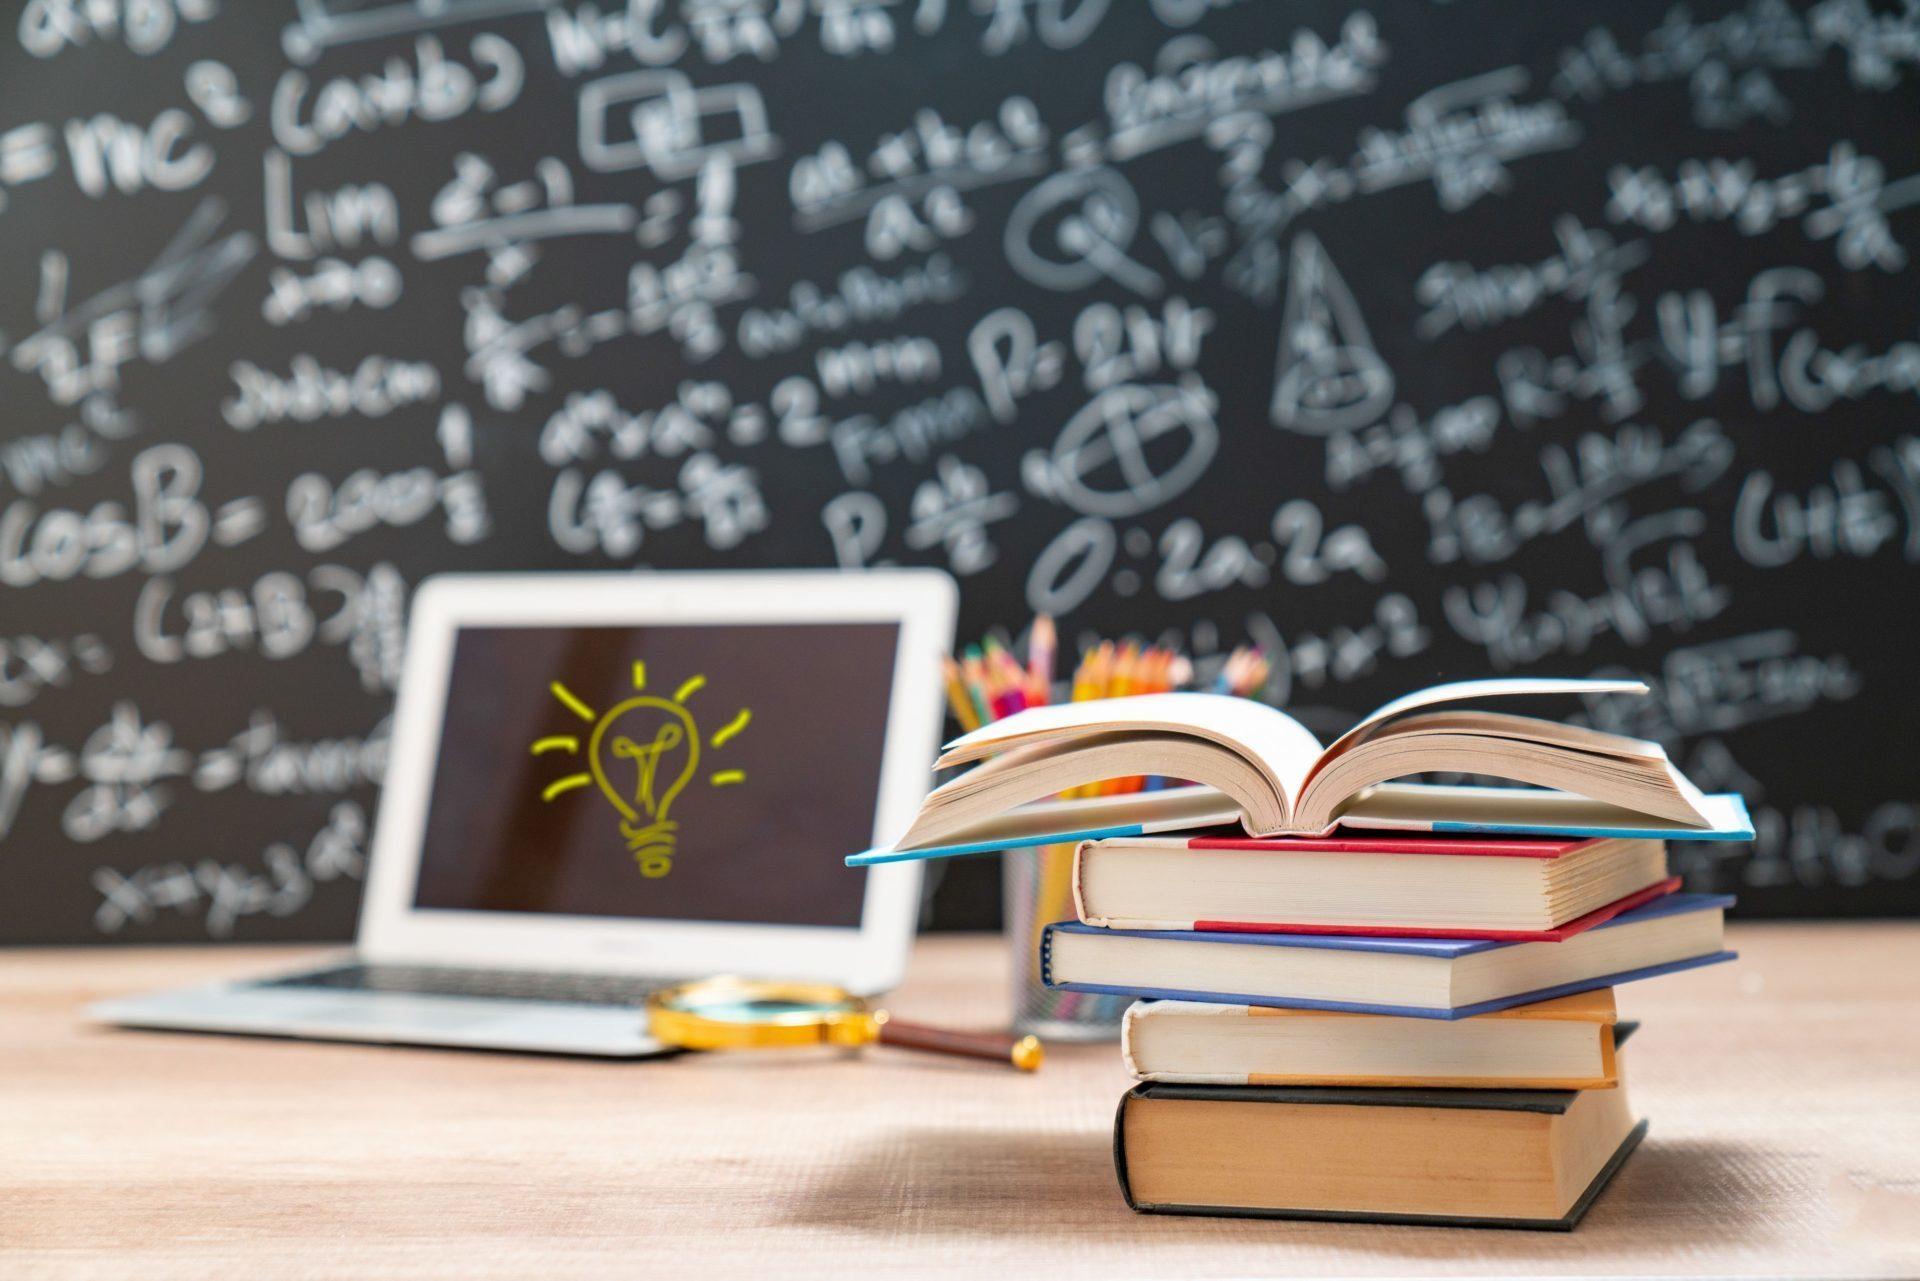 8 Tendencias Y Metodolog U00edas Que Destacan En Educaci U00f3n